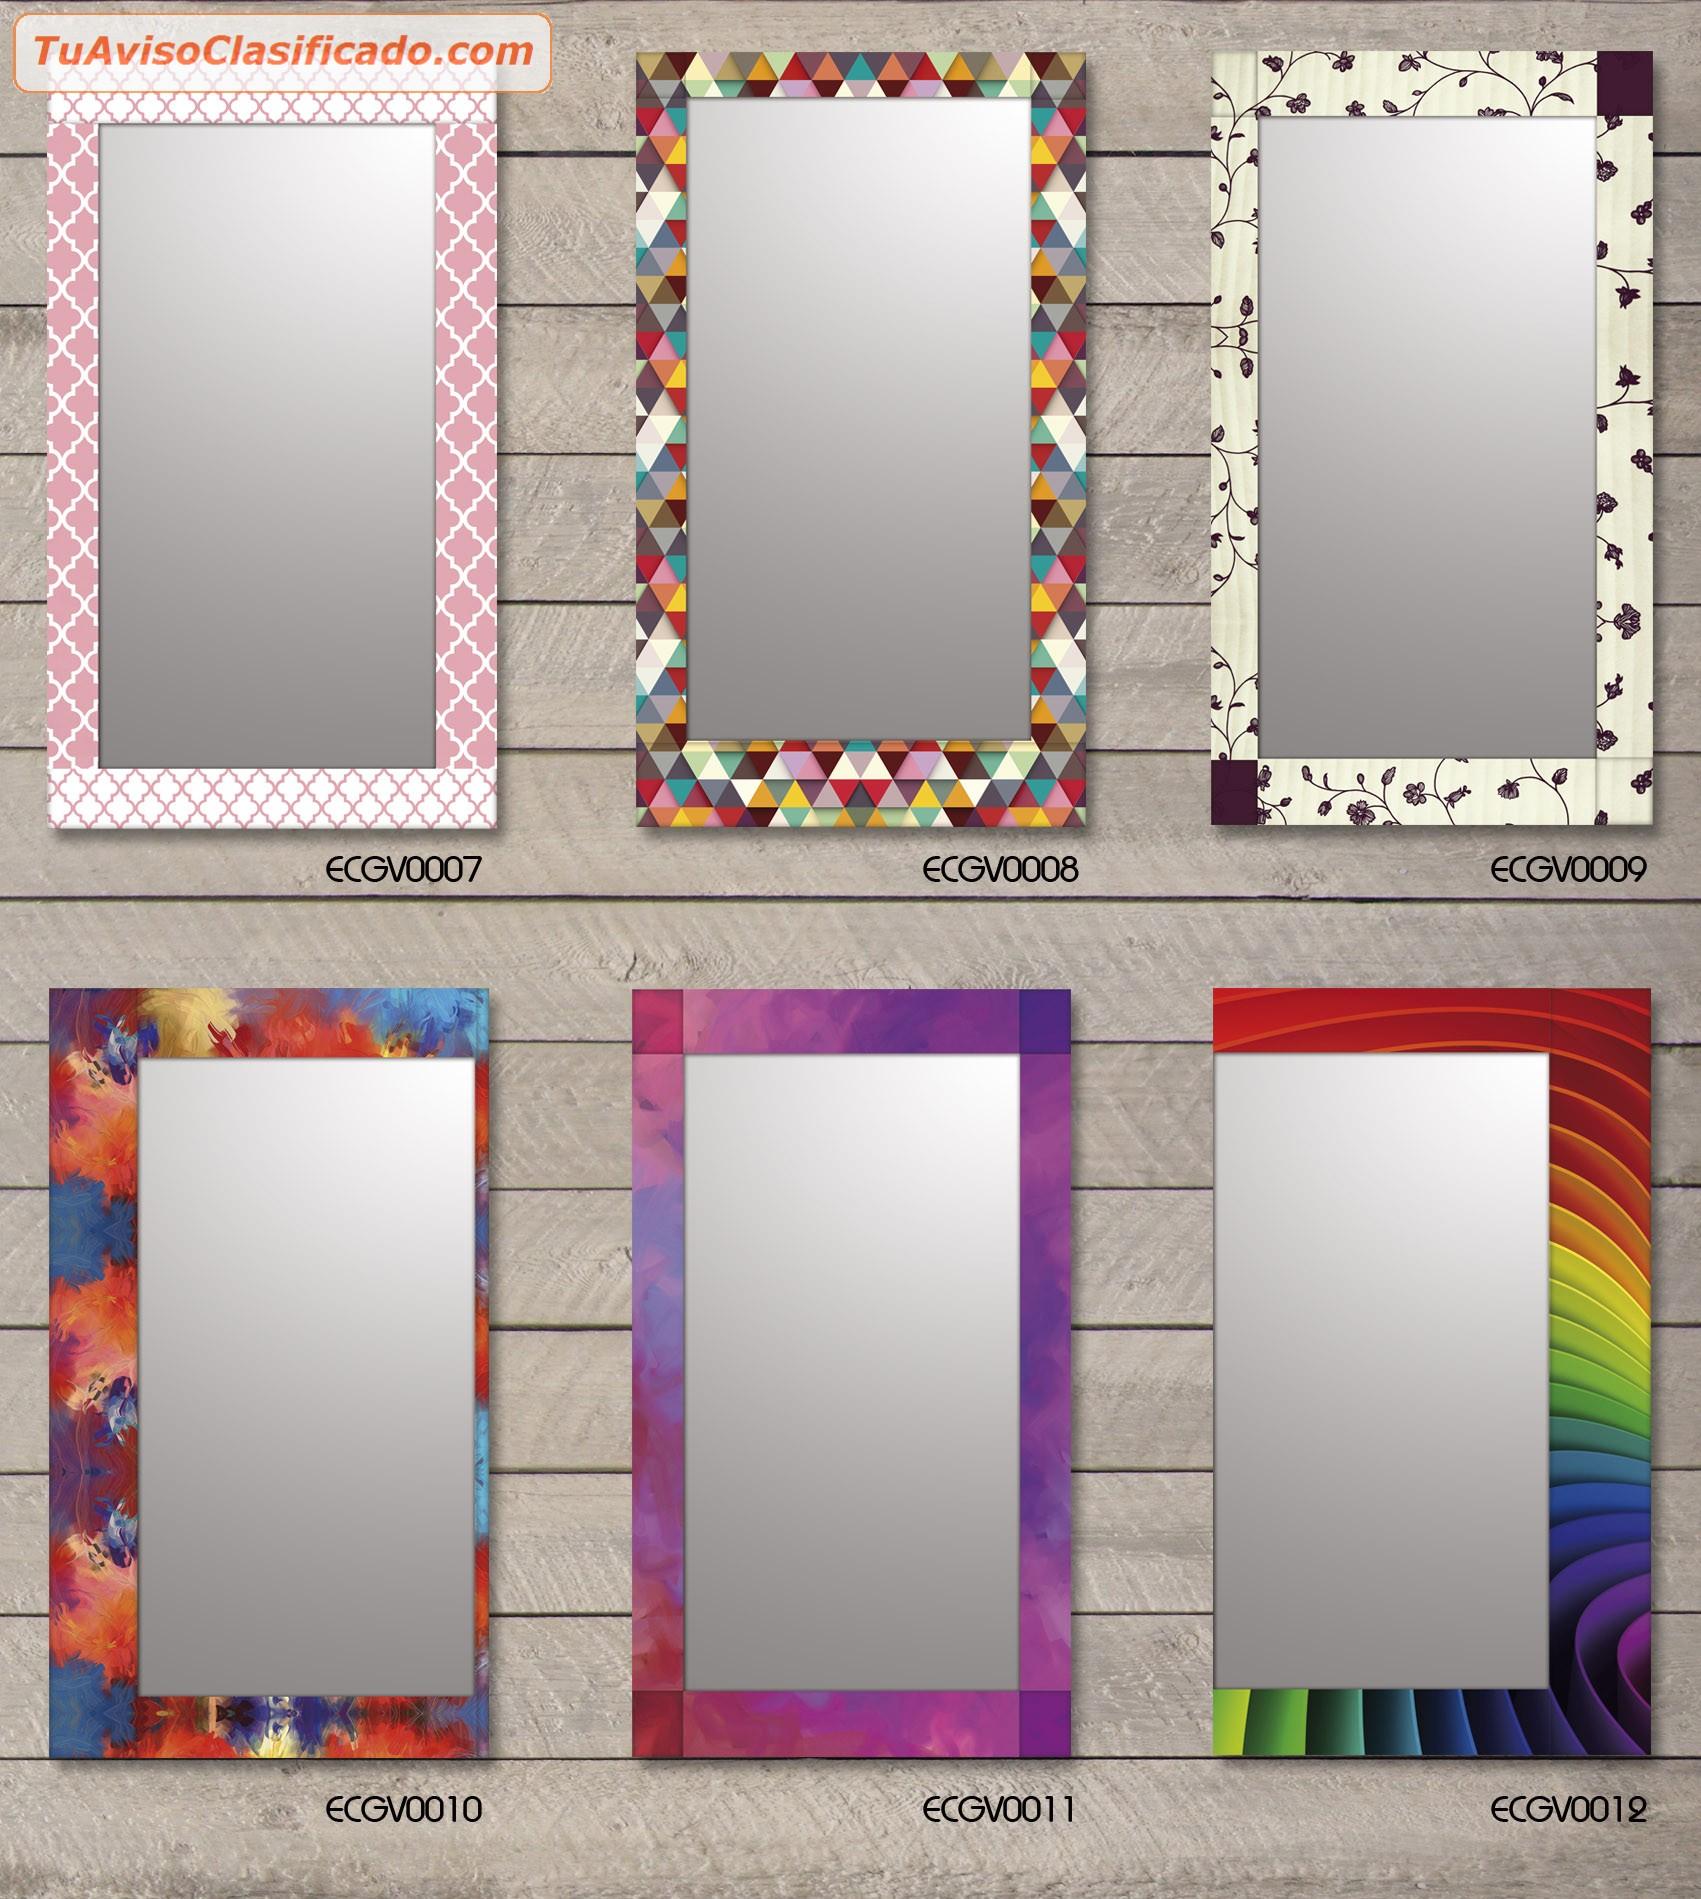 Espejos modernos novedad guardas de vidrio full color el for Espejos con marcos modernos